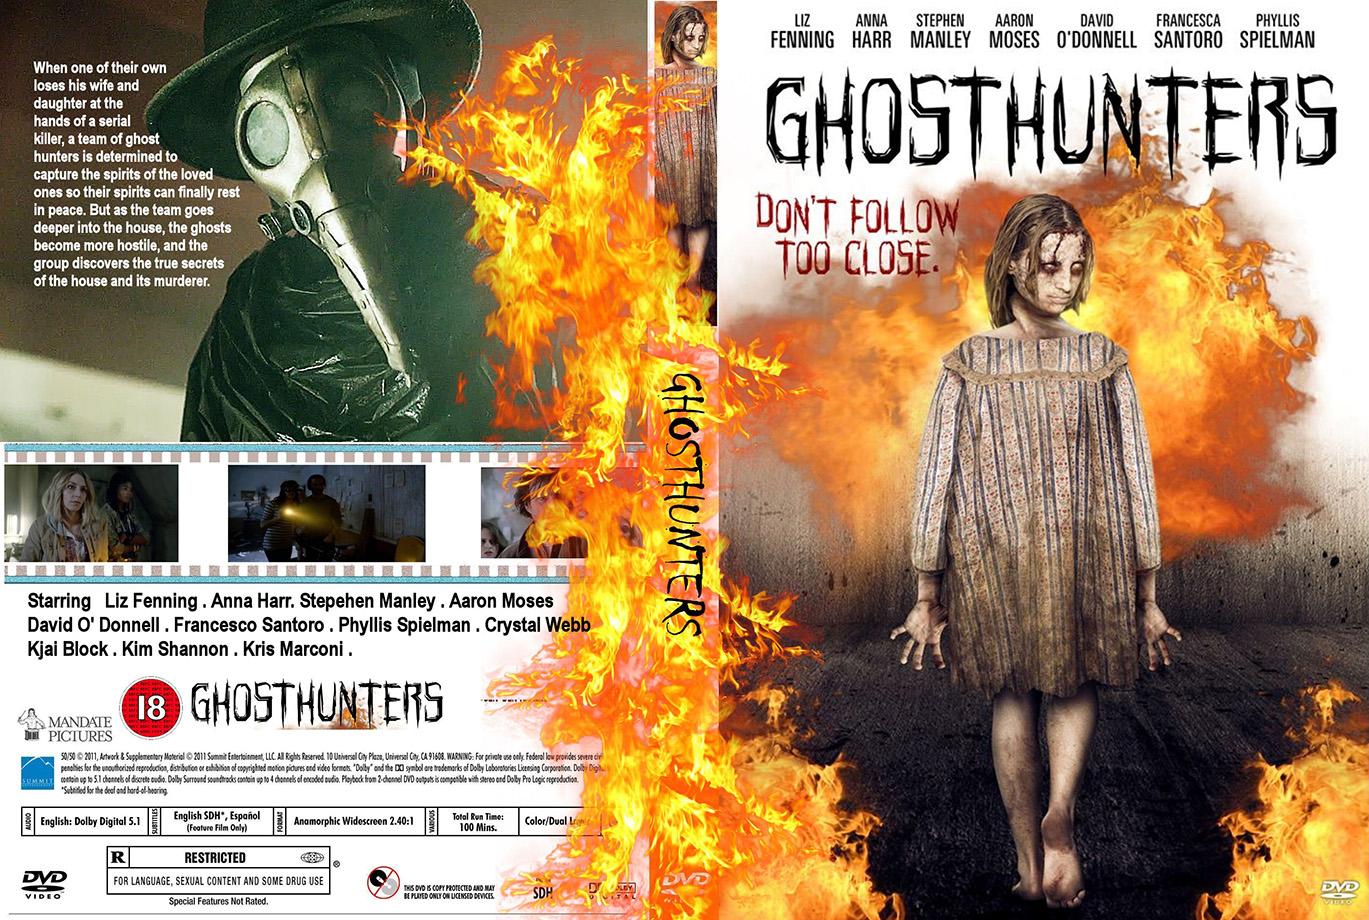 Download Os Caçadores de Fantasmas DVDRip 2016 Download Os Caçadores de Fantasmas DVDRip 2016 Os 2BCa 25C3 25A7adores 2Bde 2BFantasmas 2B  2BXANDAODOWNLOAD